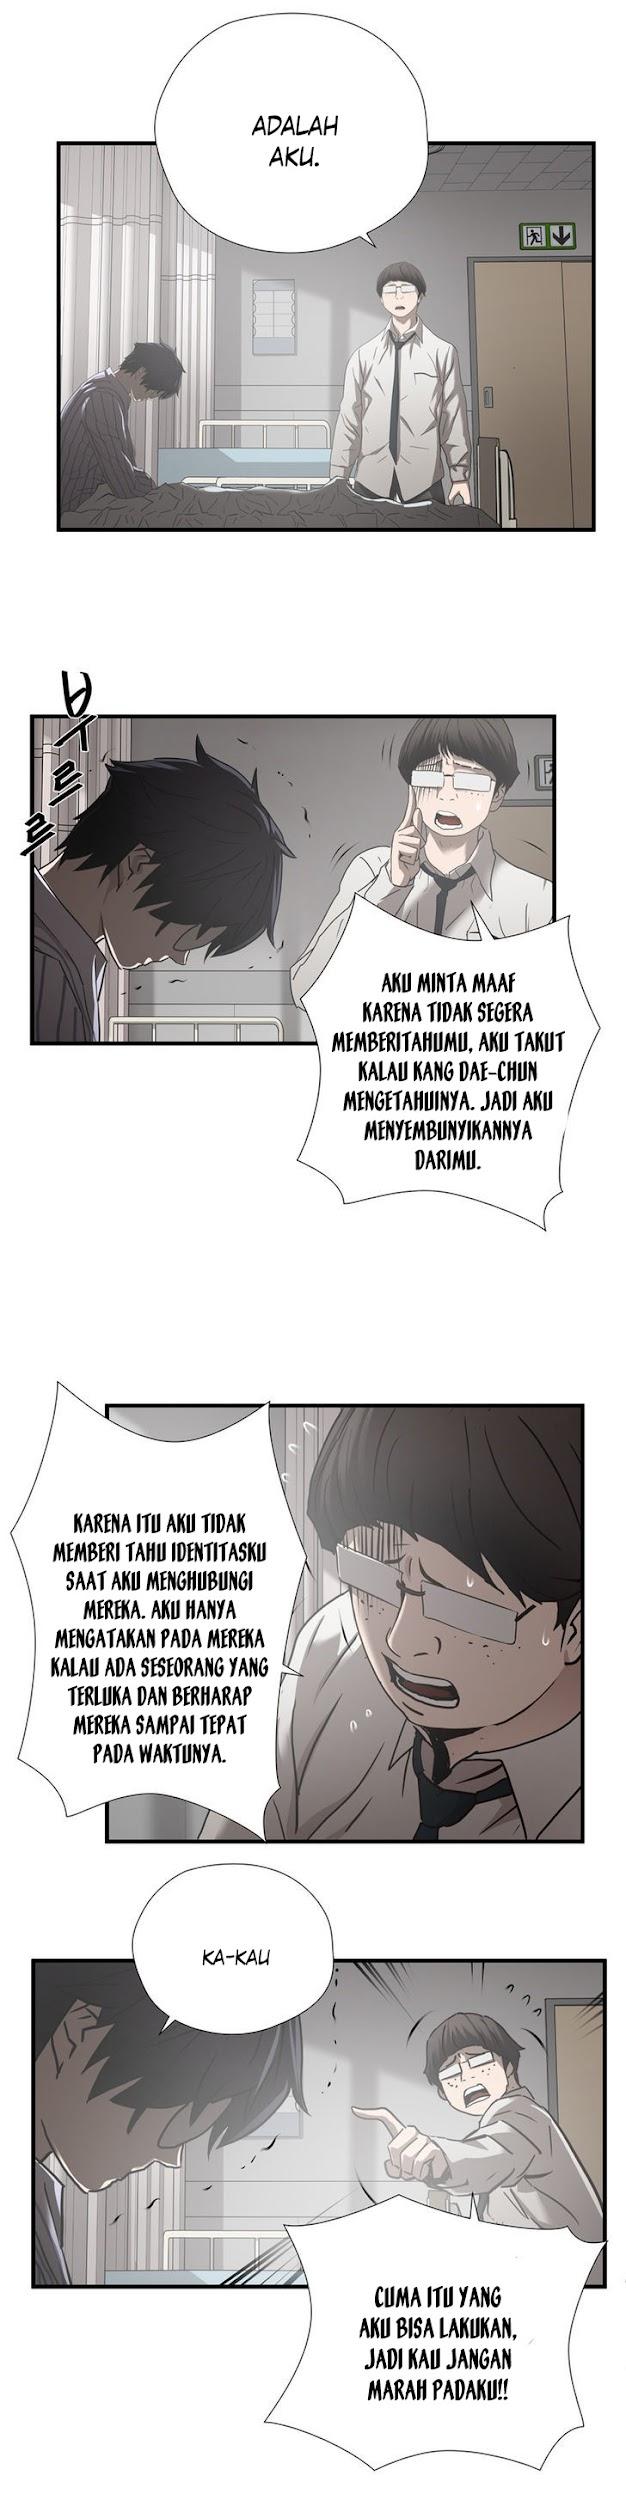 Dilarang COPAS - situs resmi www.mangacanblog.com - Komik greatest outcast 040 - chapter 40 41 Indonesia greatest outcast 040 - chapter 40 Terbaru 24|Baca Manga Komik Indonesia|Mangacan